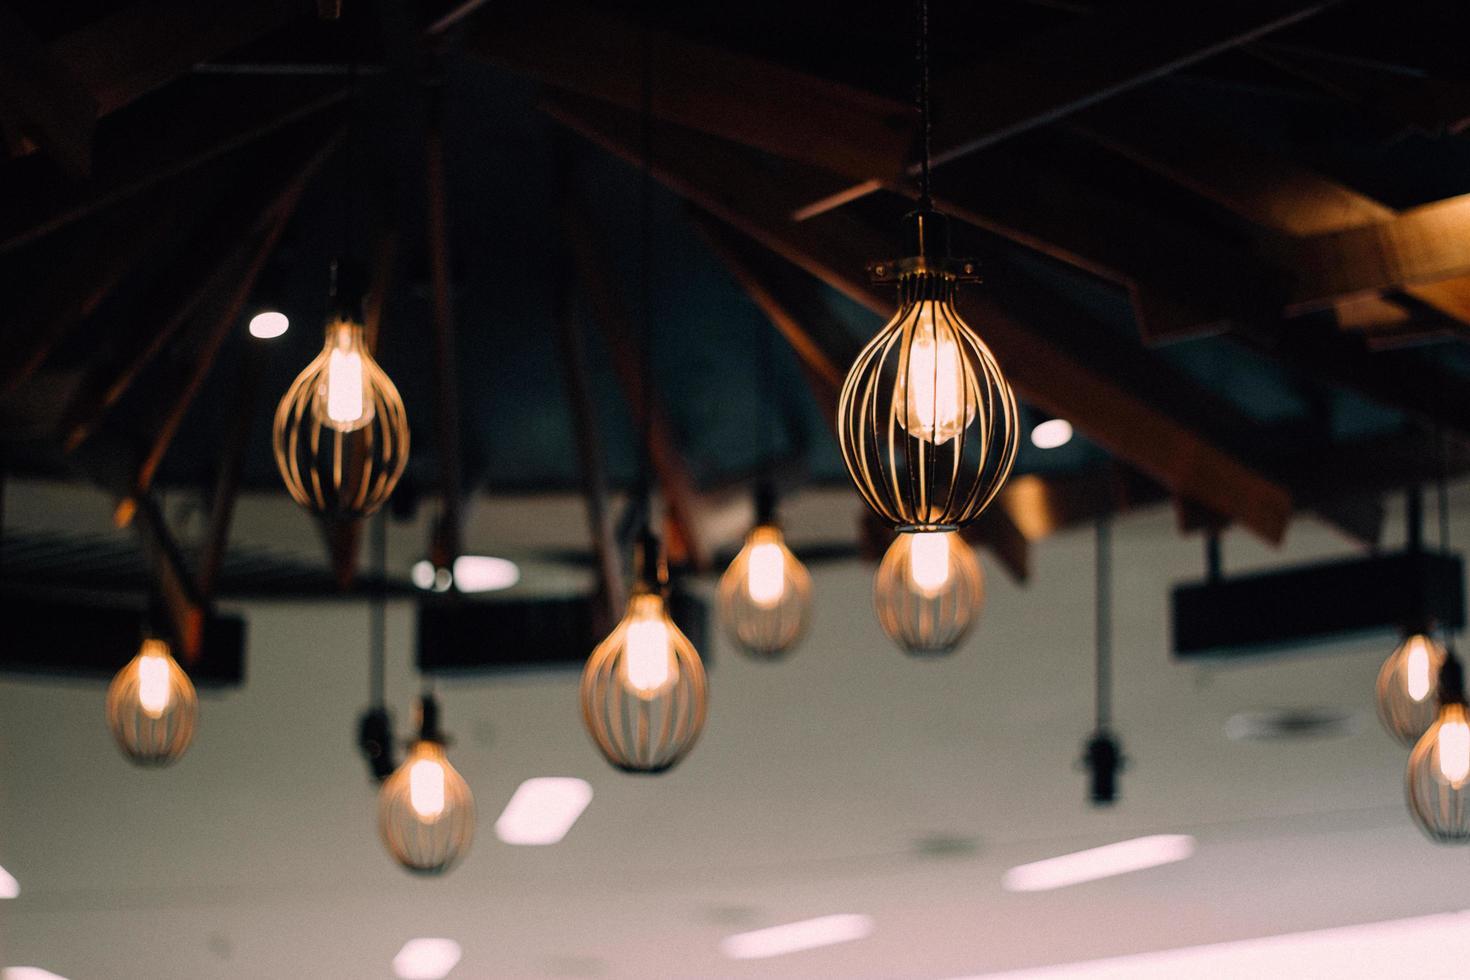 verlichte hangende lampen foto